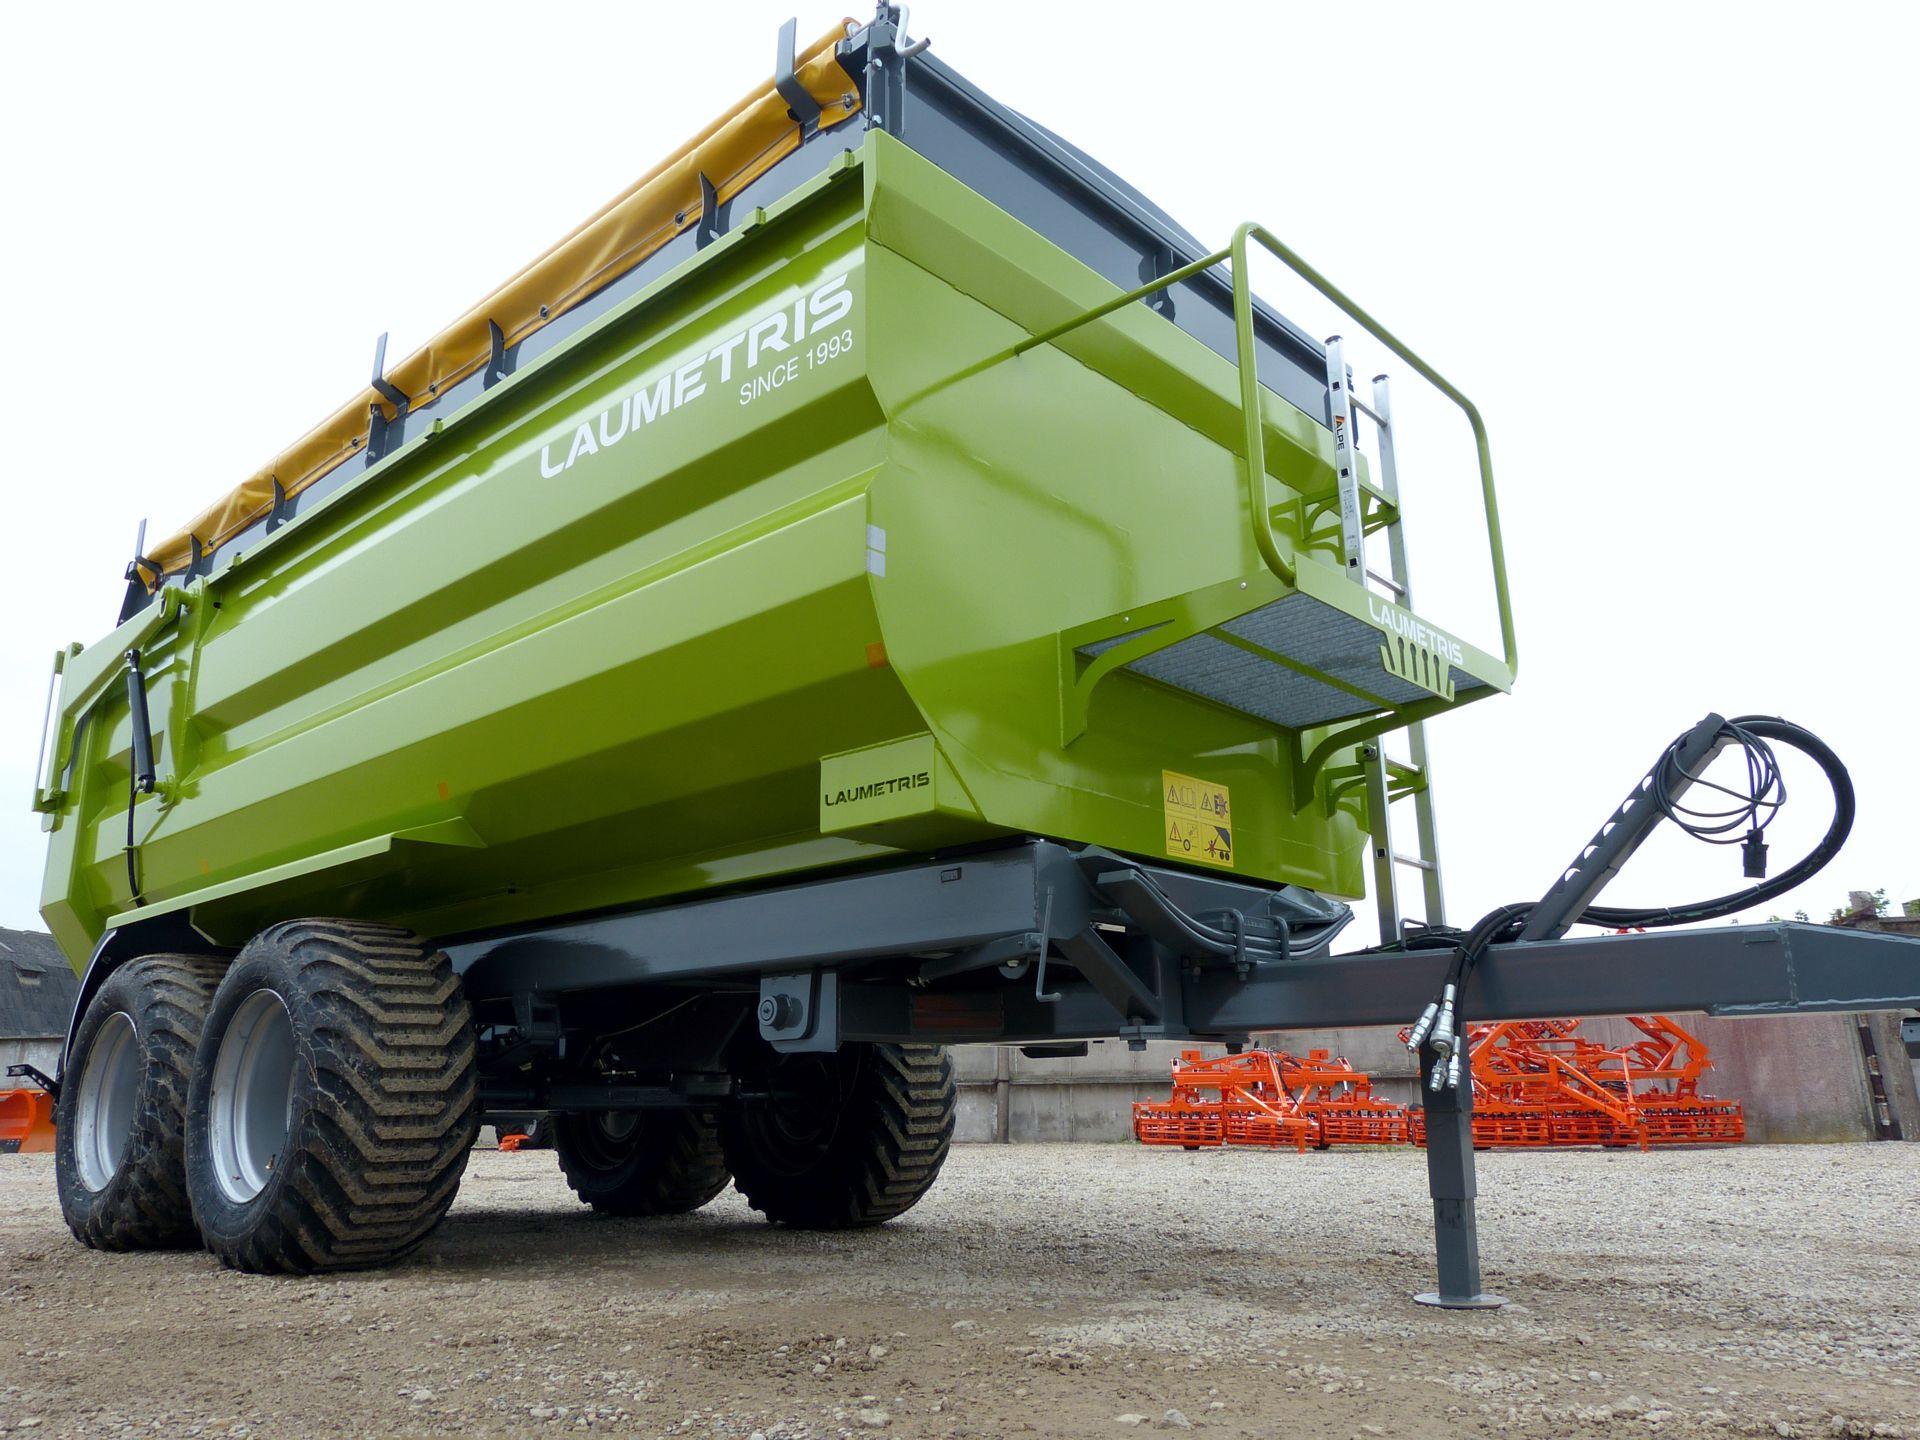 Universali traktorinė puspriekabė PTL-12F, Laumetris